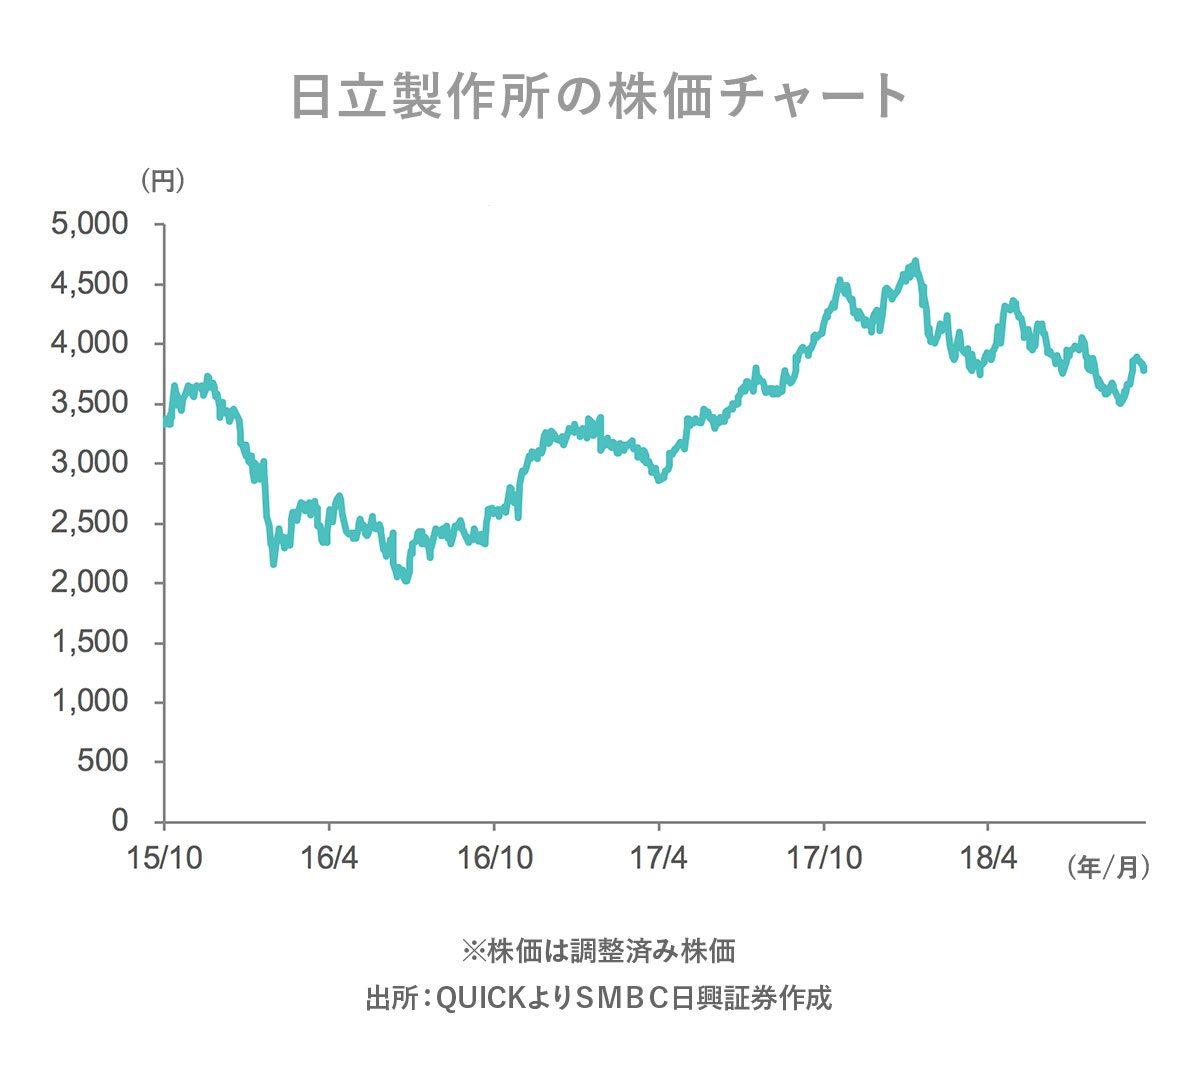 日立製作所株価